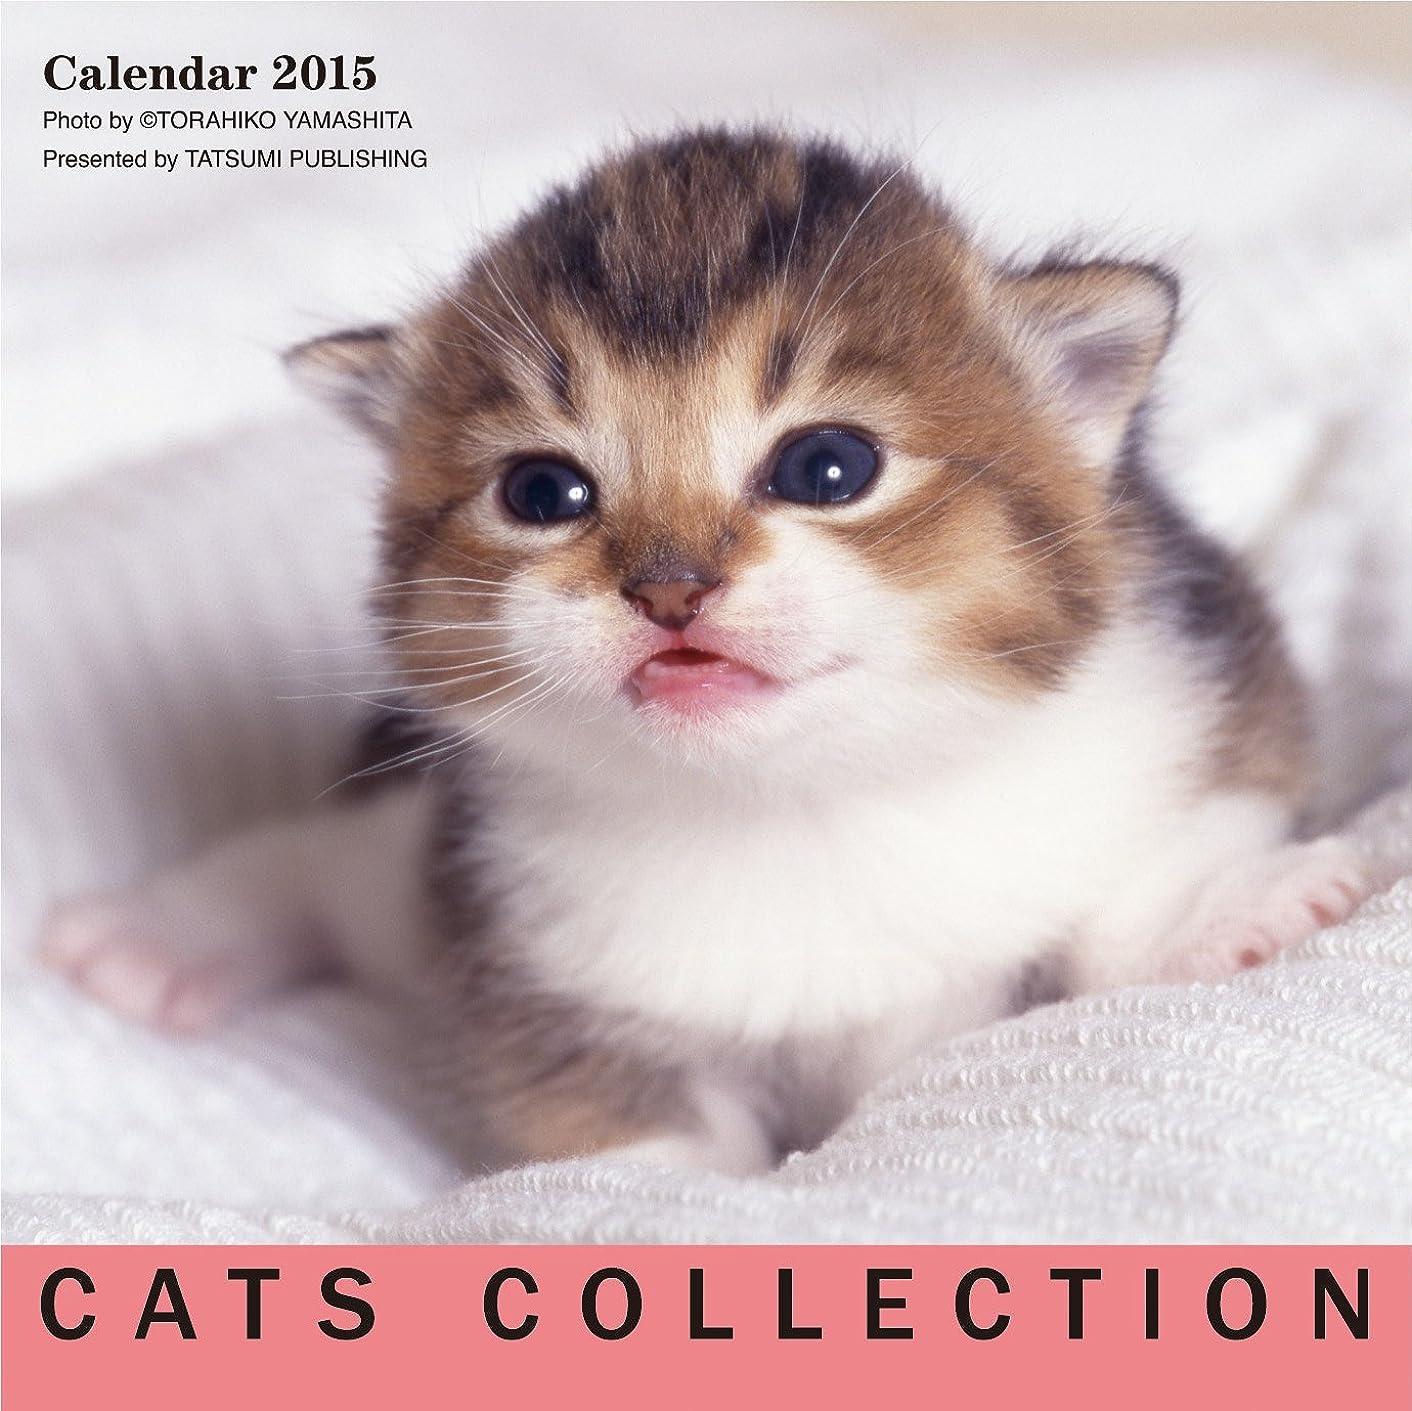 心のこもった不快な公使館2015カレンダー キャッツコレクション ([カレンダー])